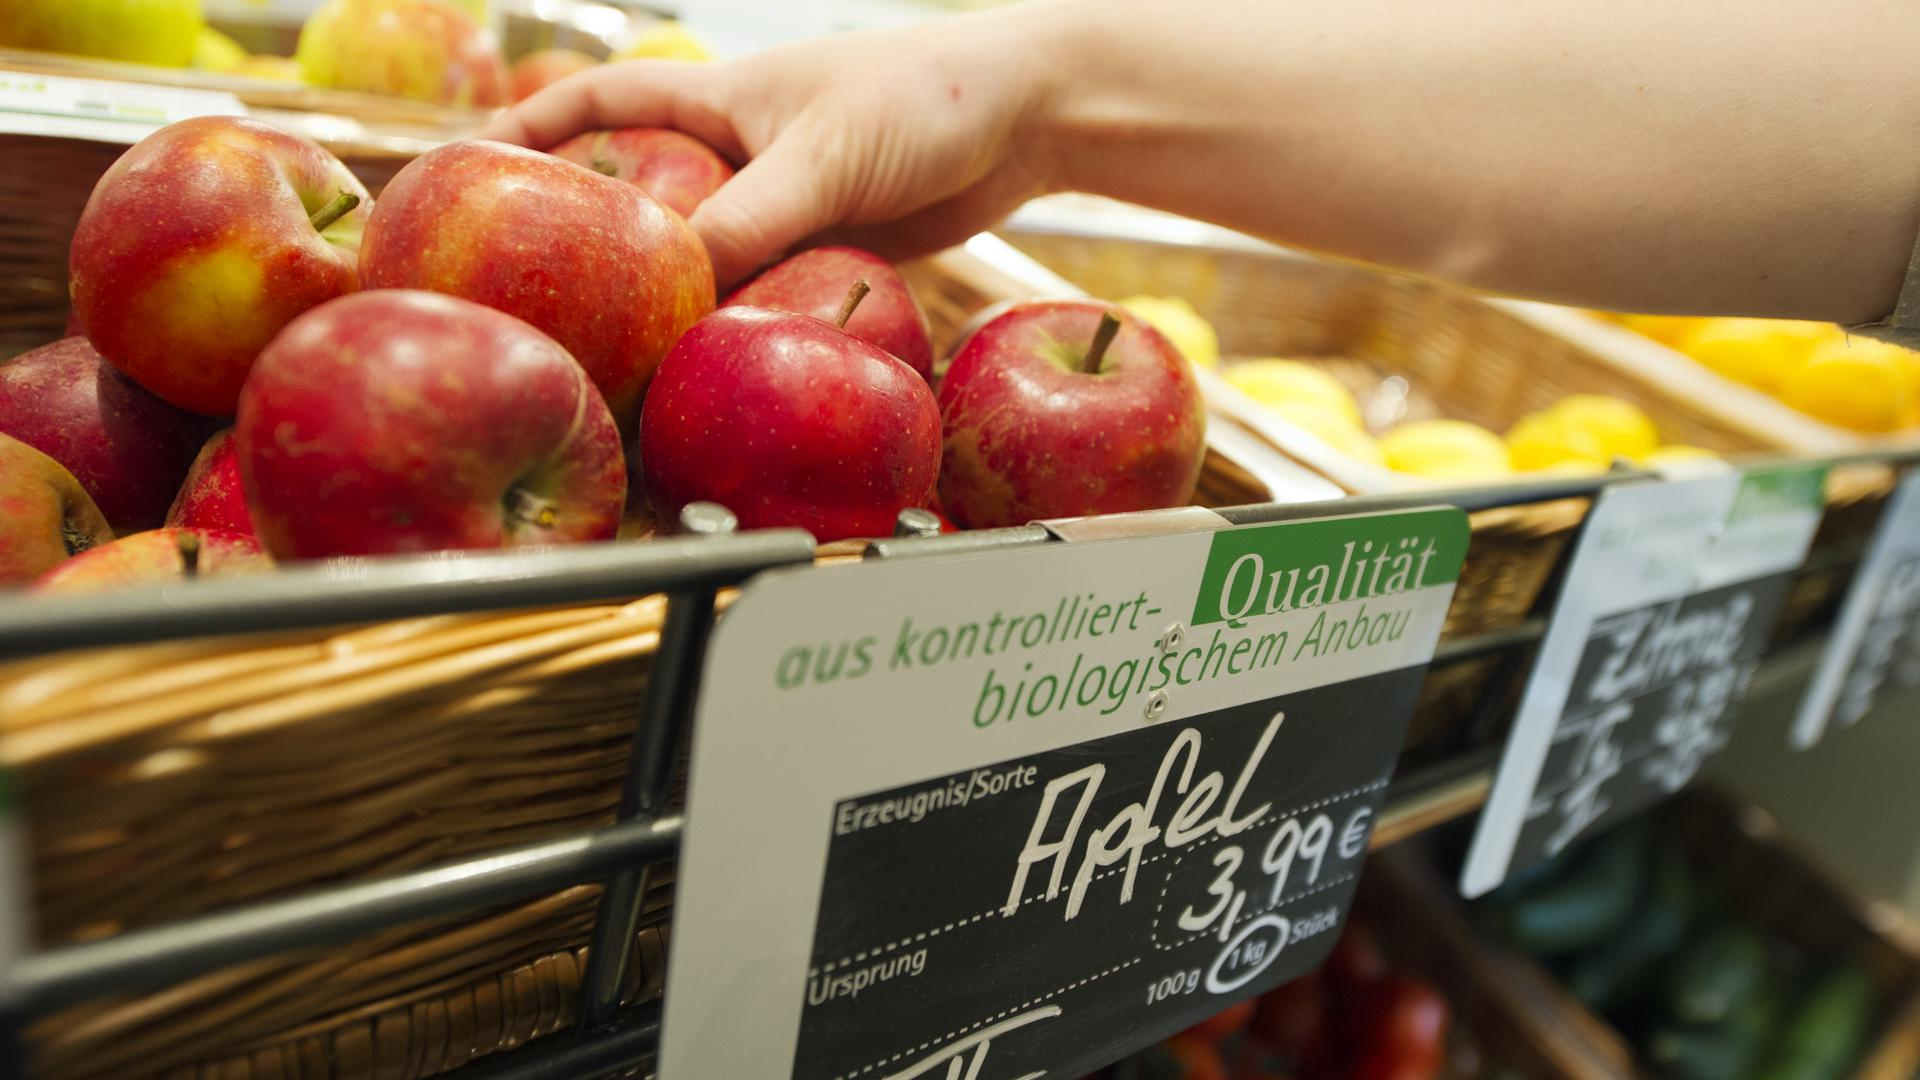 Kaufentscheidung: Landwirte müssen ihre ökologisch erzeugten Produkte auch anders vermarkten, als zuvor in der konventionellen Produktion. Supermärkte spielen weiterhin eine große Rolle.